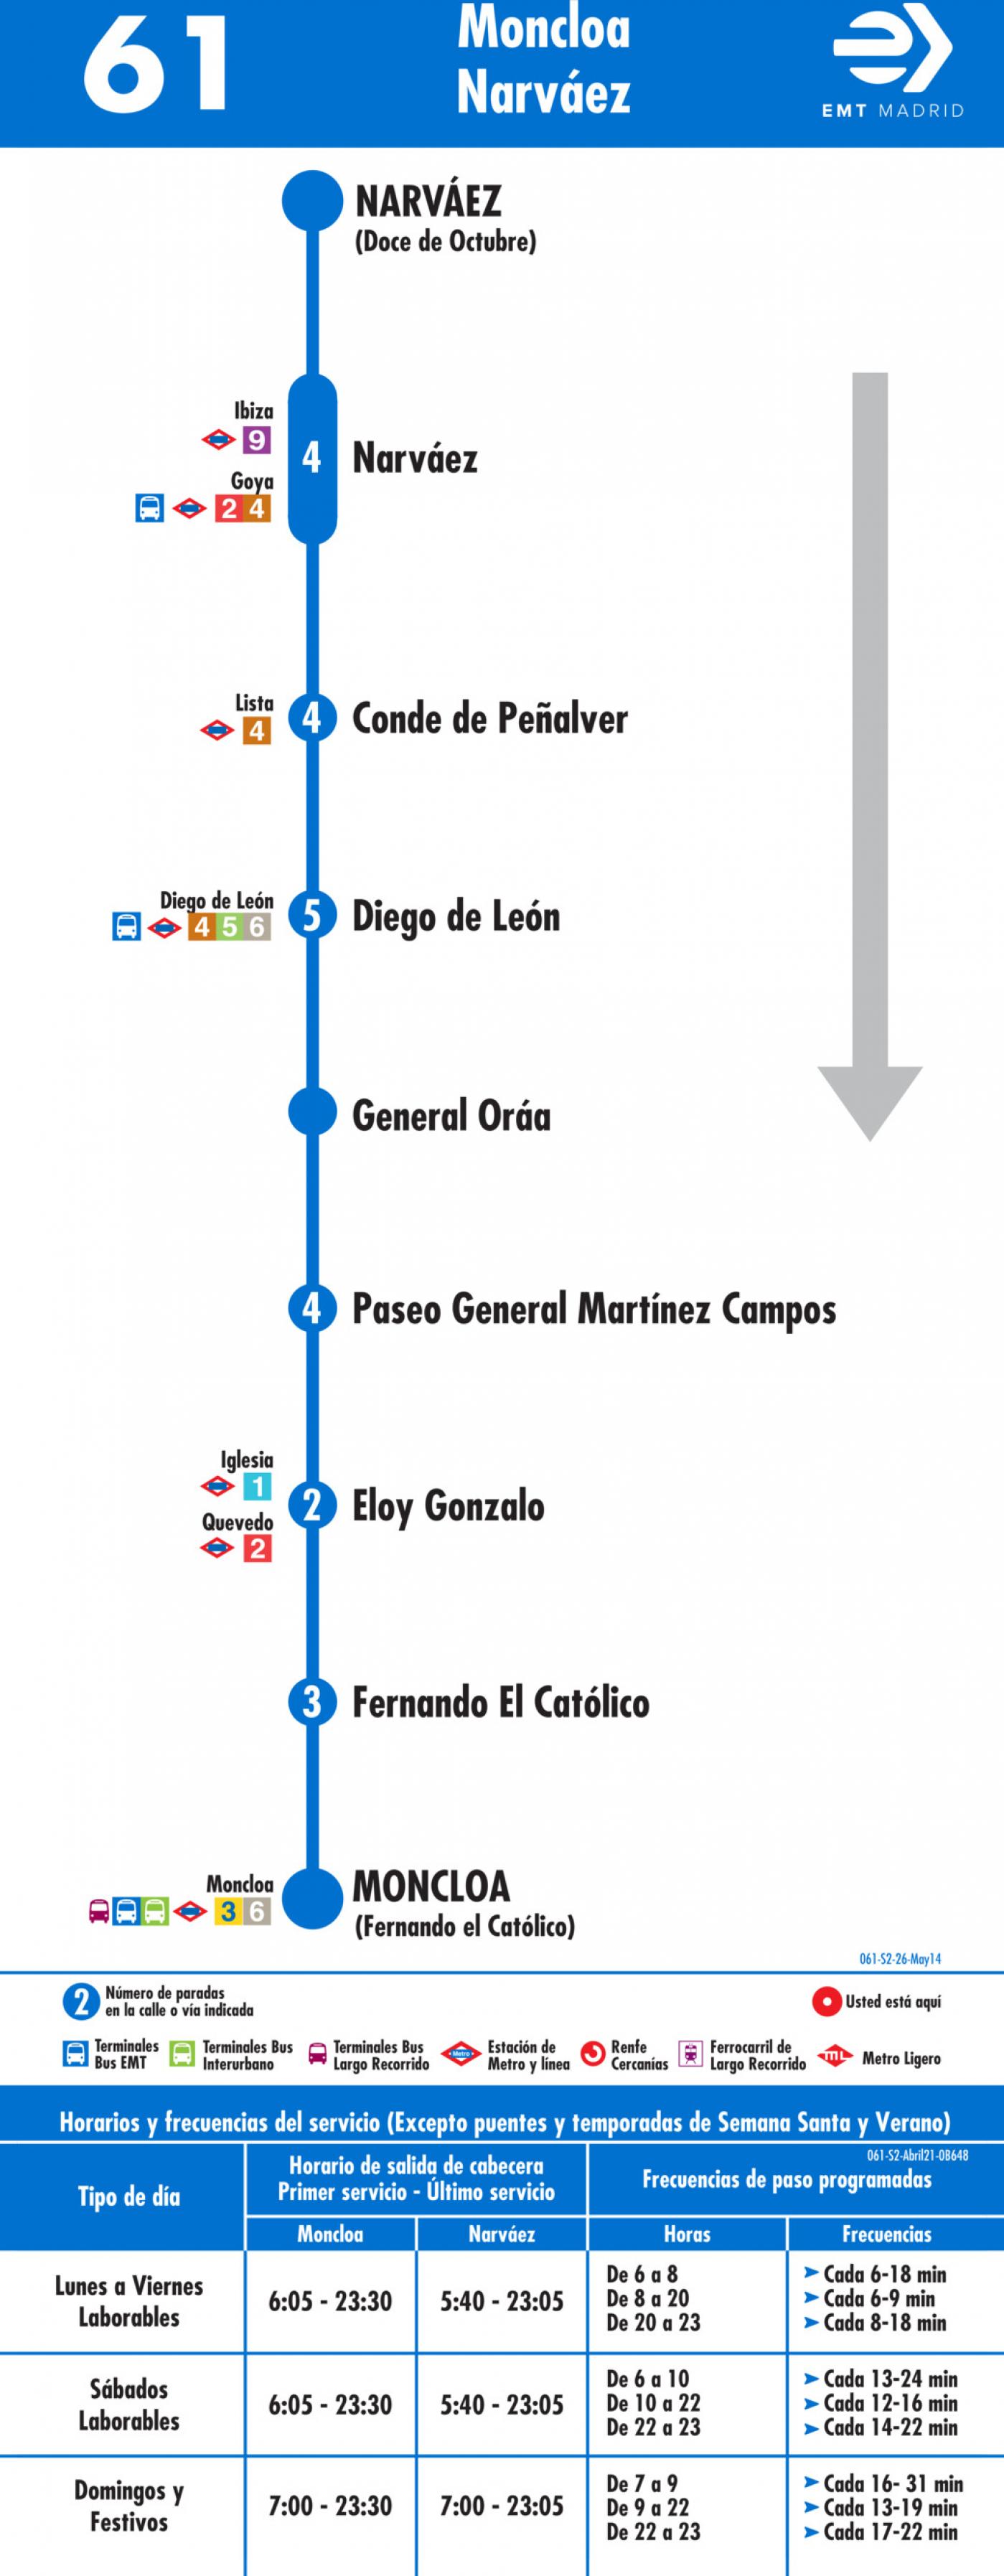 Tabla de horarios y frecuencias de paso en sentido vuelta Línea 61: Moncloa - Narváez